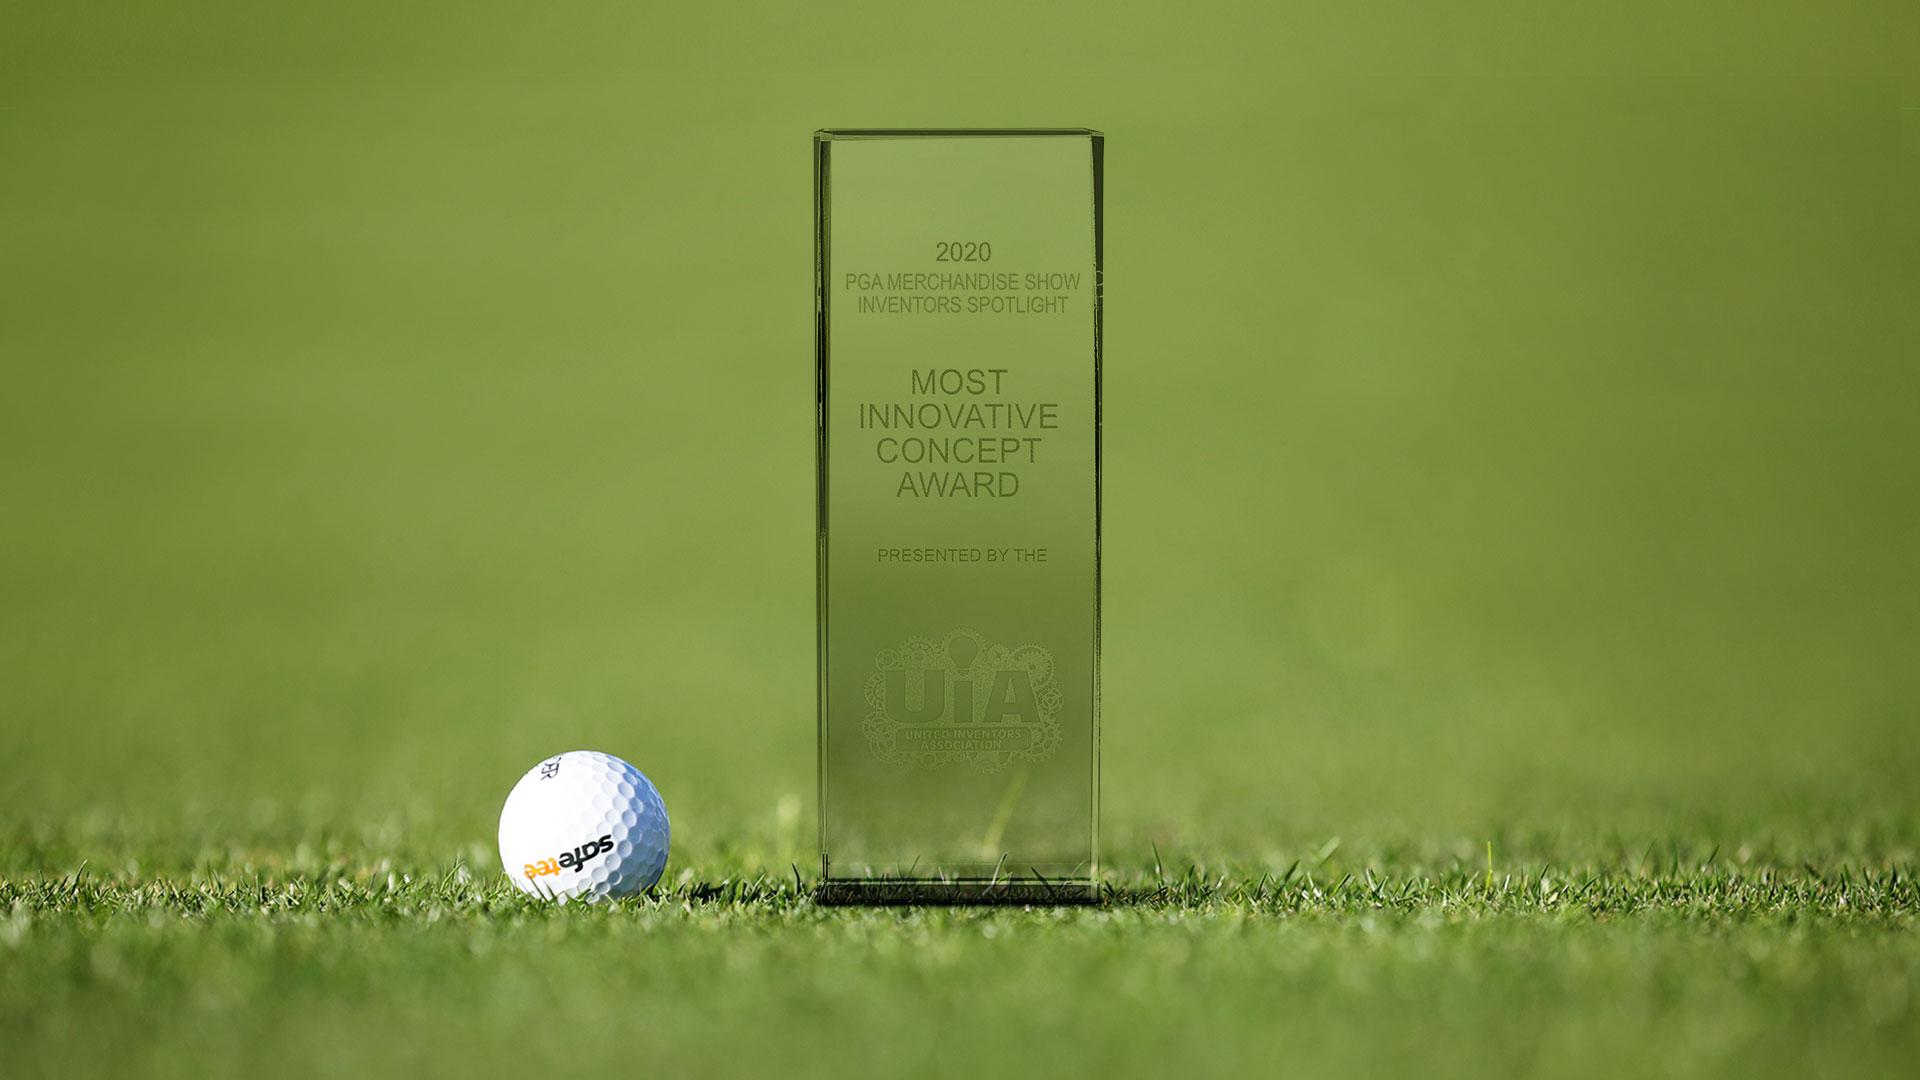 Gewinner des Most Innovative Concept Awards auf der PGA Merchandise Show